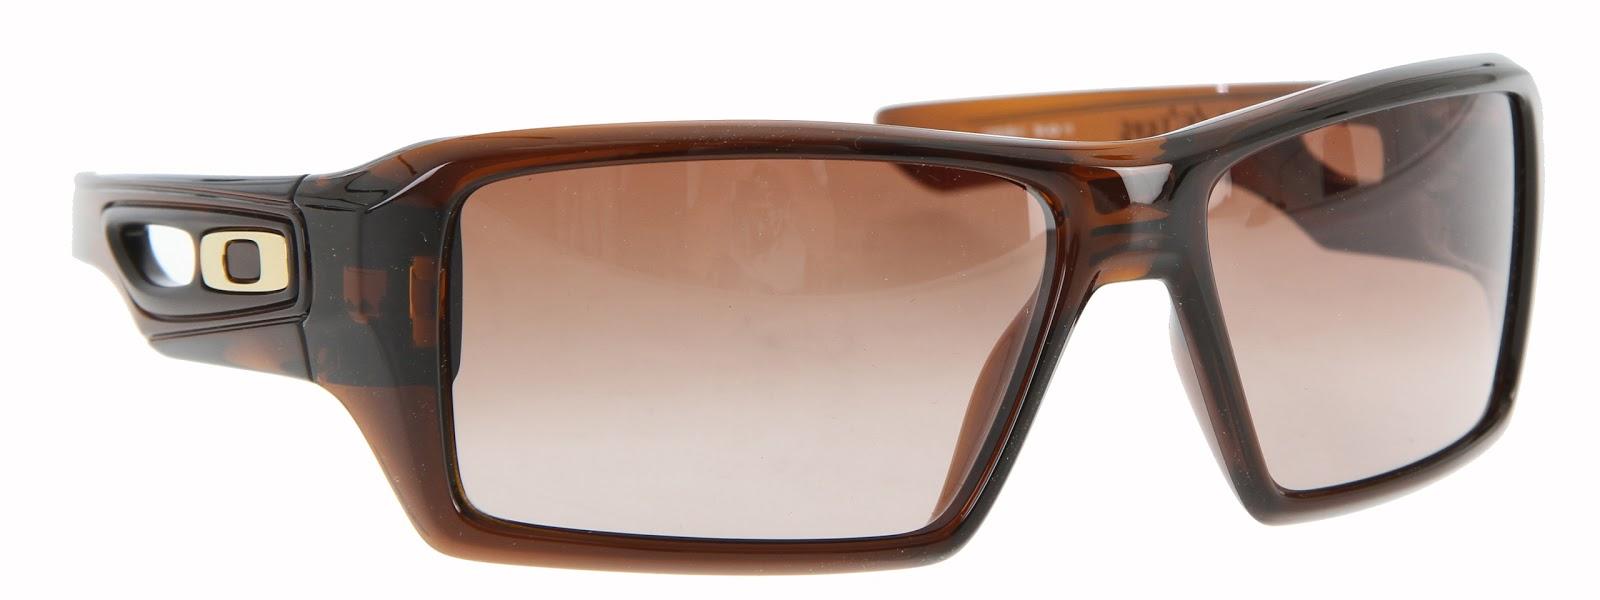 24f1f263a2 Oakley Eye Patch Ii « Heritage Malta